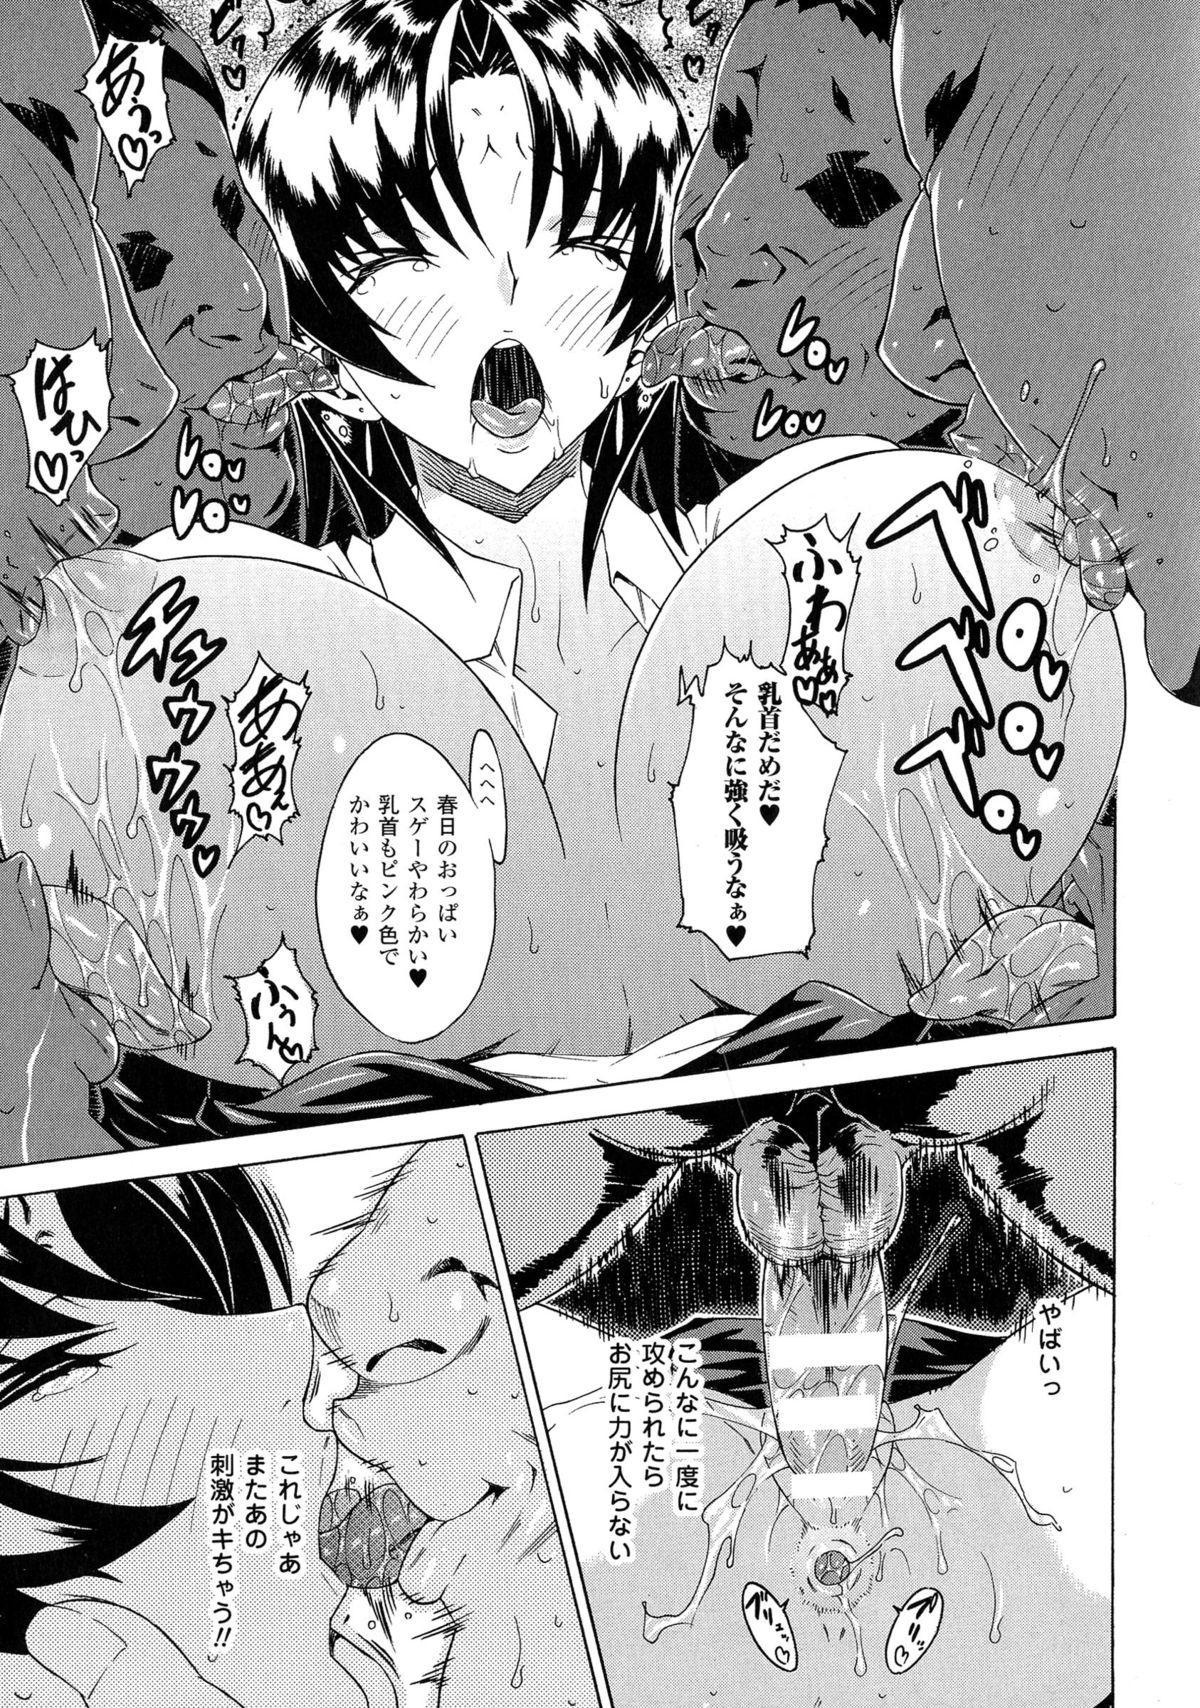 Kachiki na Onna ga Buzama na Ahegao o Sarasu made 116